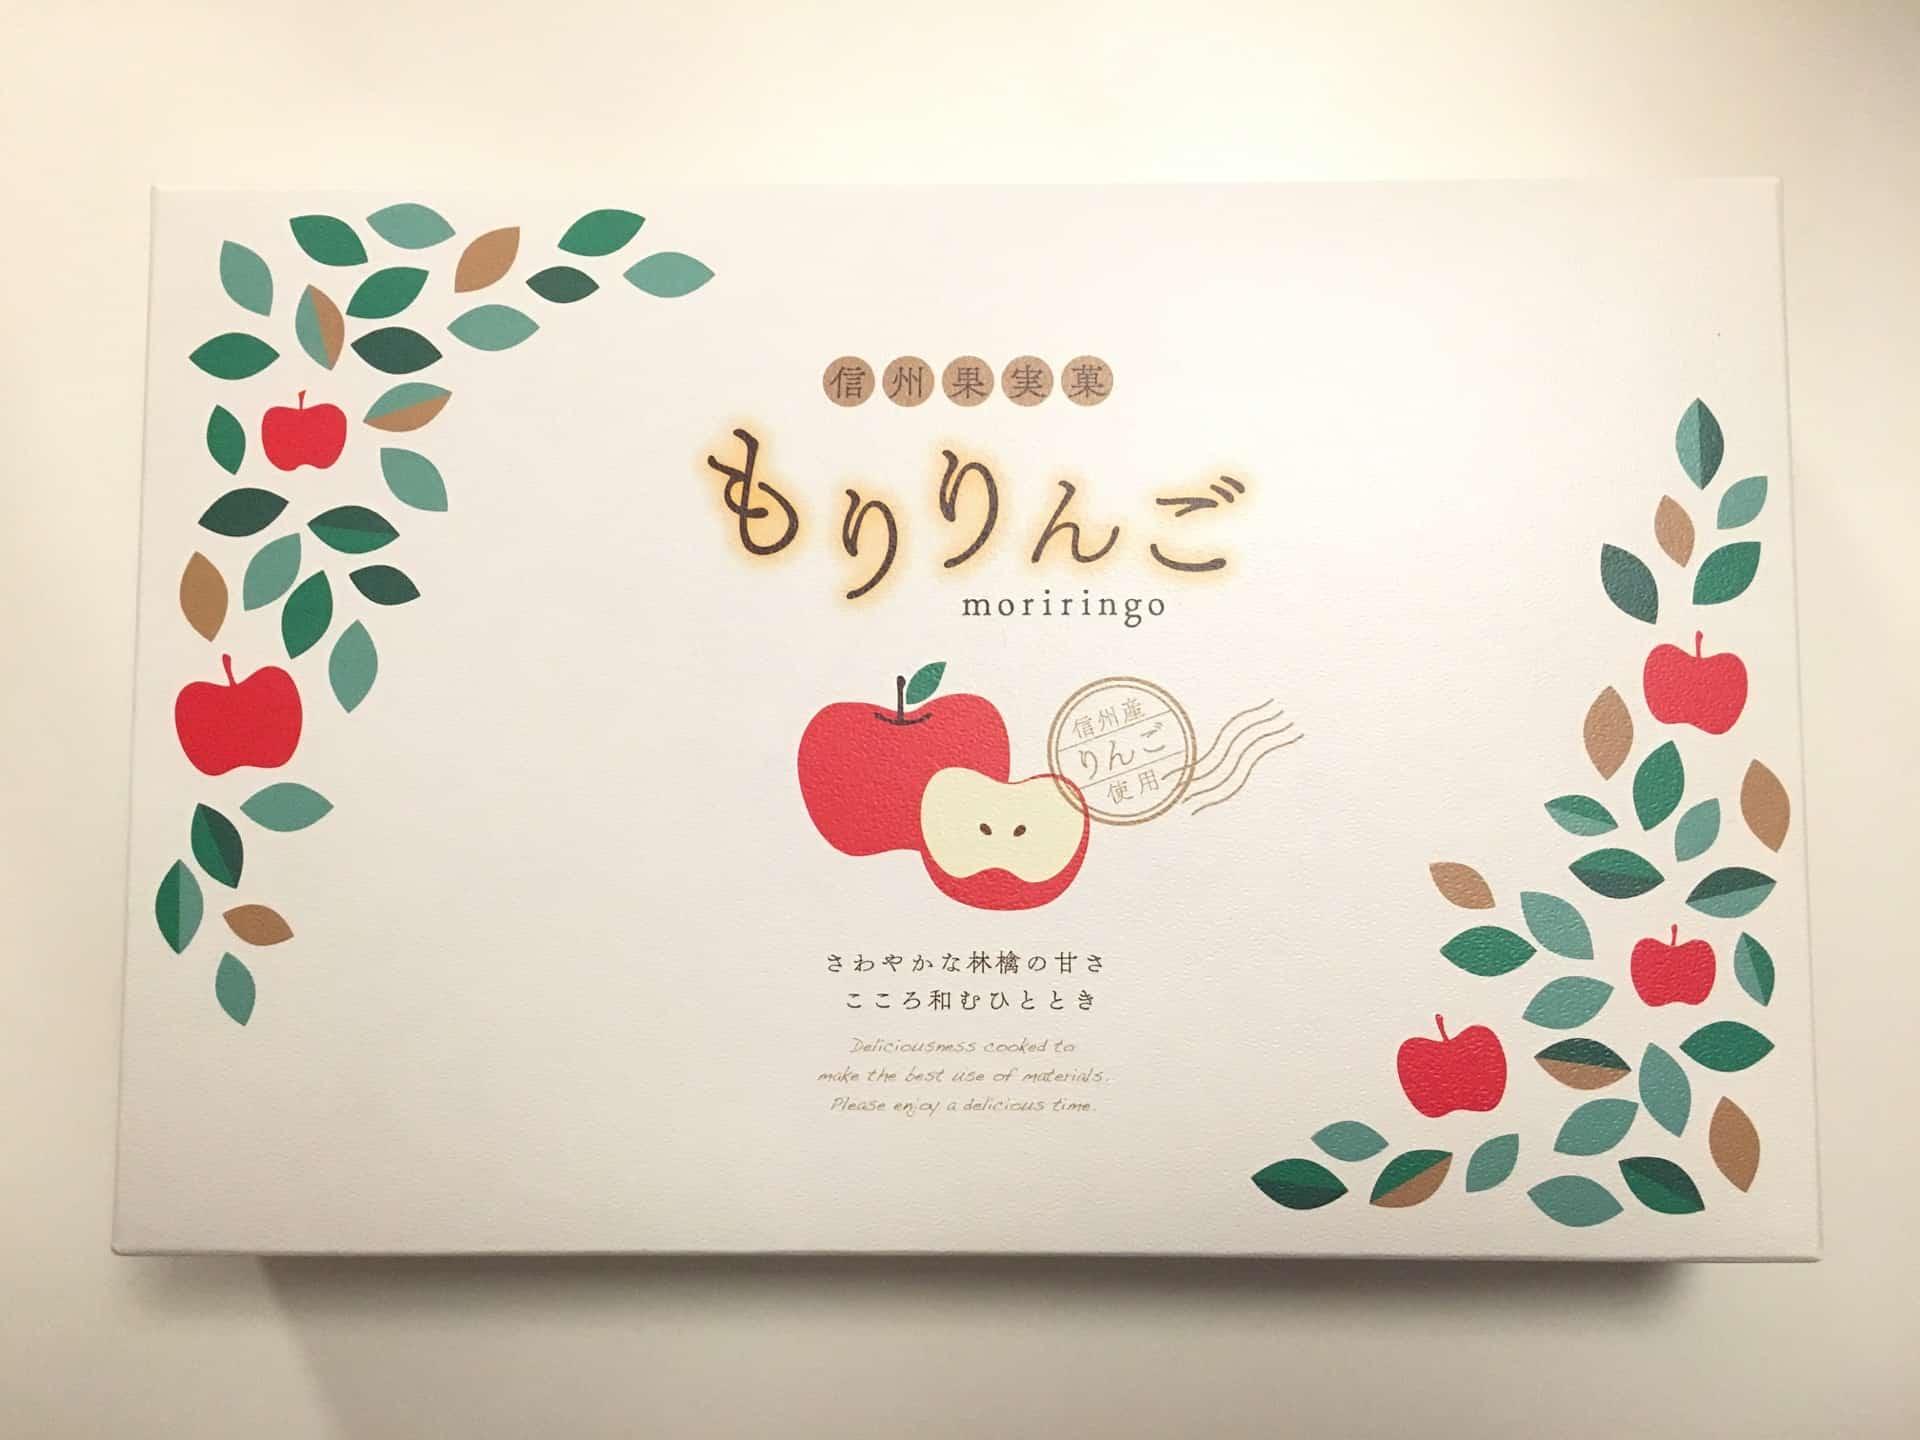 長野県のお土産「信州果実果 もりりんご」がおいしい&かわいい!やさしい甘さのお菓子